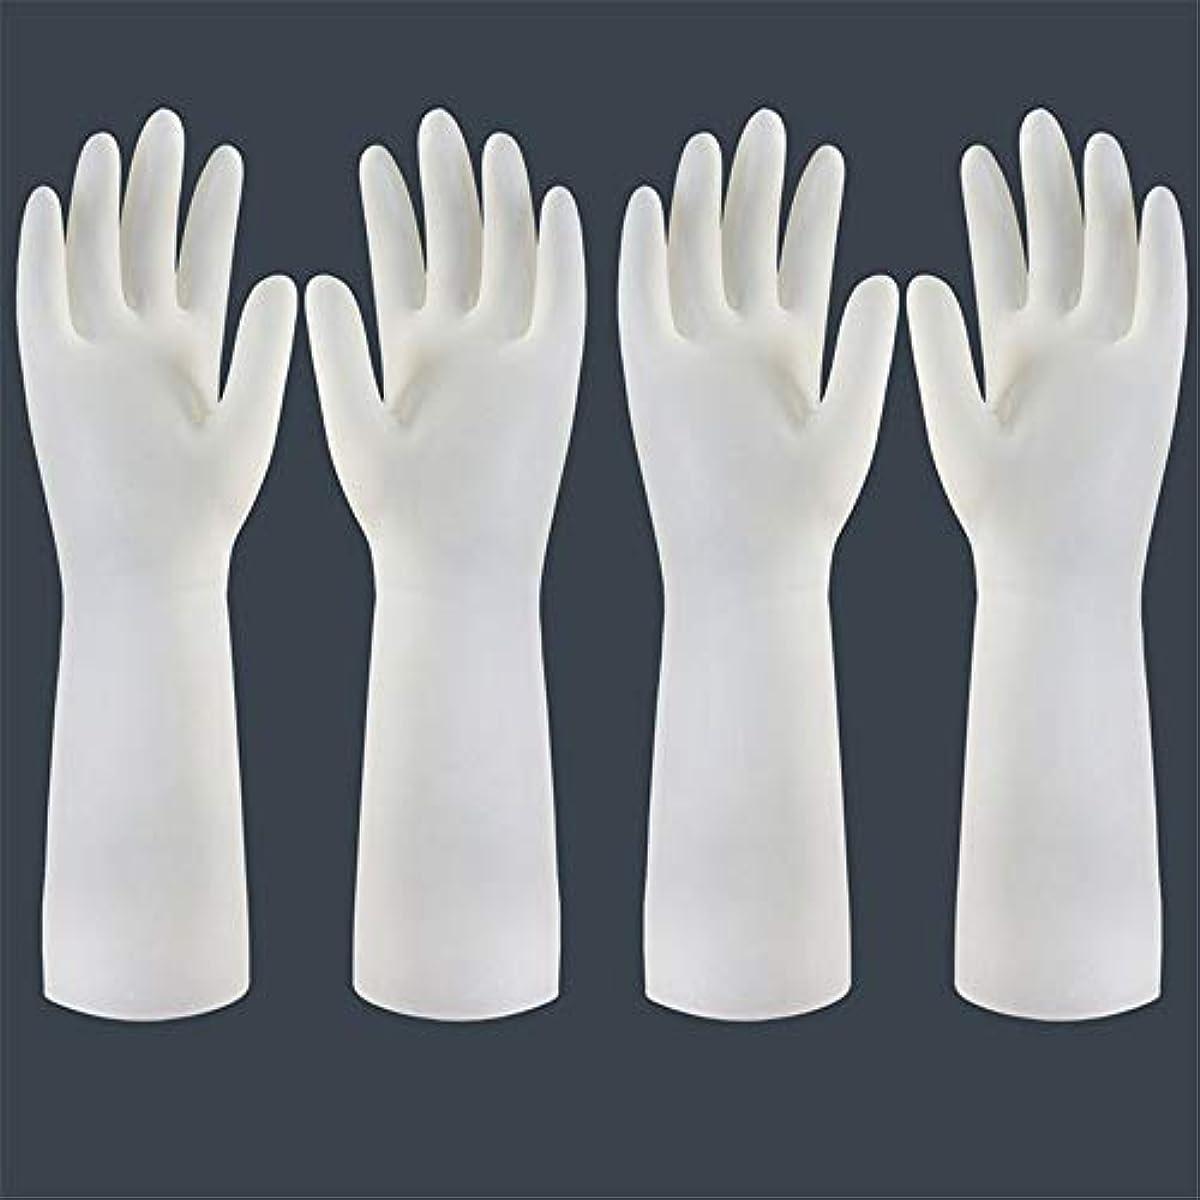 潜在的な吐き出すかわす使い捨て手袋 使い捨て手袋の防水および耐久のゴム製台所手袋、小/中/大 ニトリルゴム手袋 (Color : Long-2 pair, Size : S)